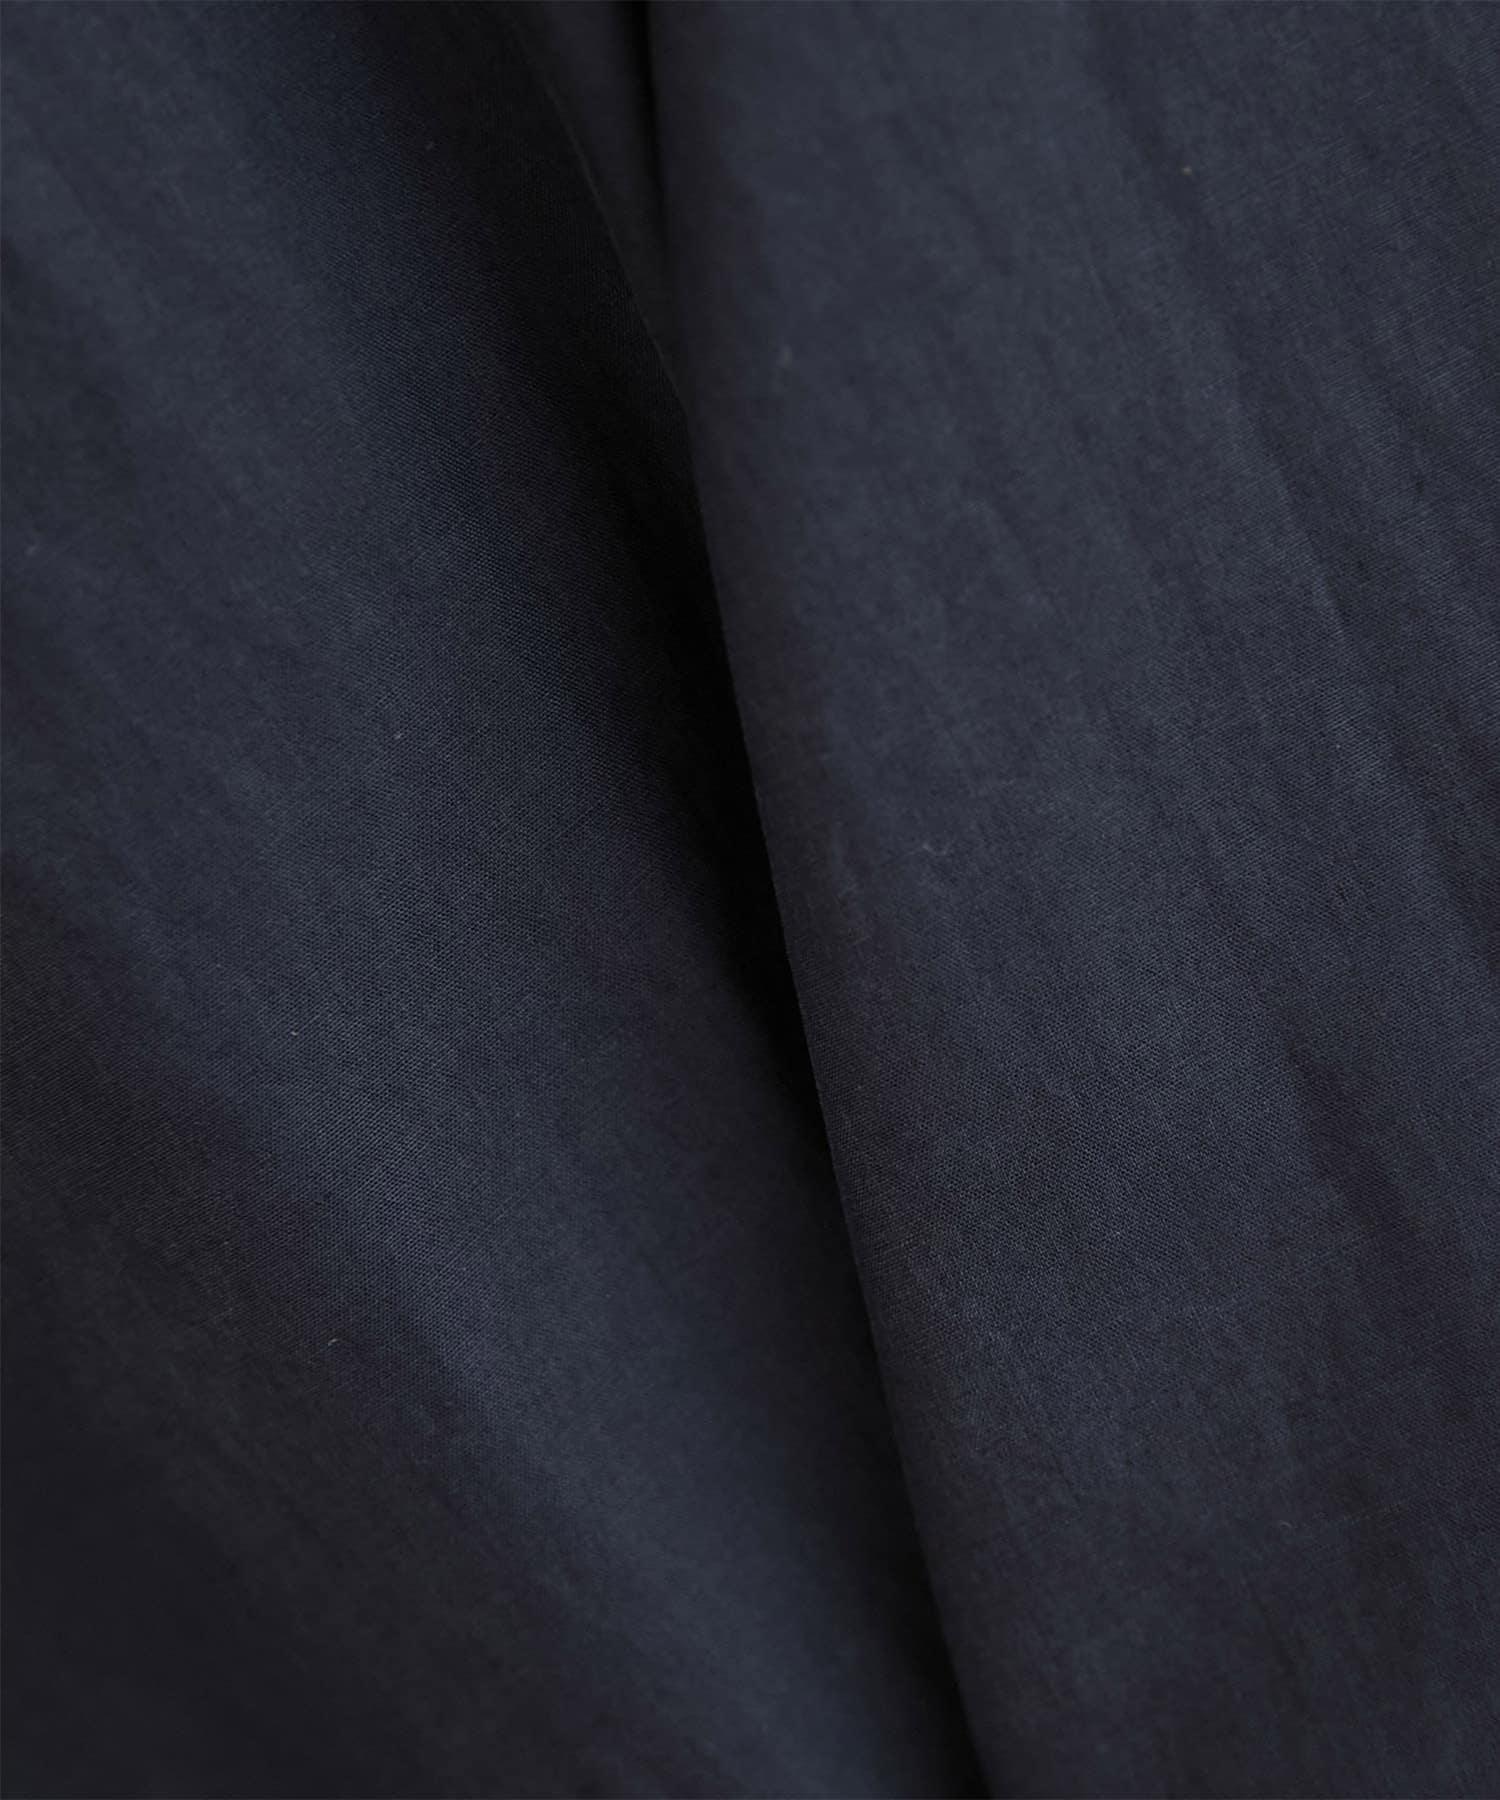 GALLARDAGALANTE(ガリャルダガランテ) 【CEPIE.】ボリュームブラウス